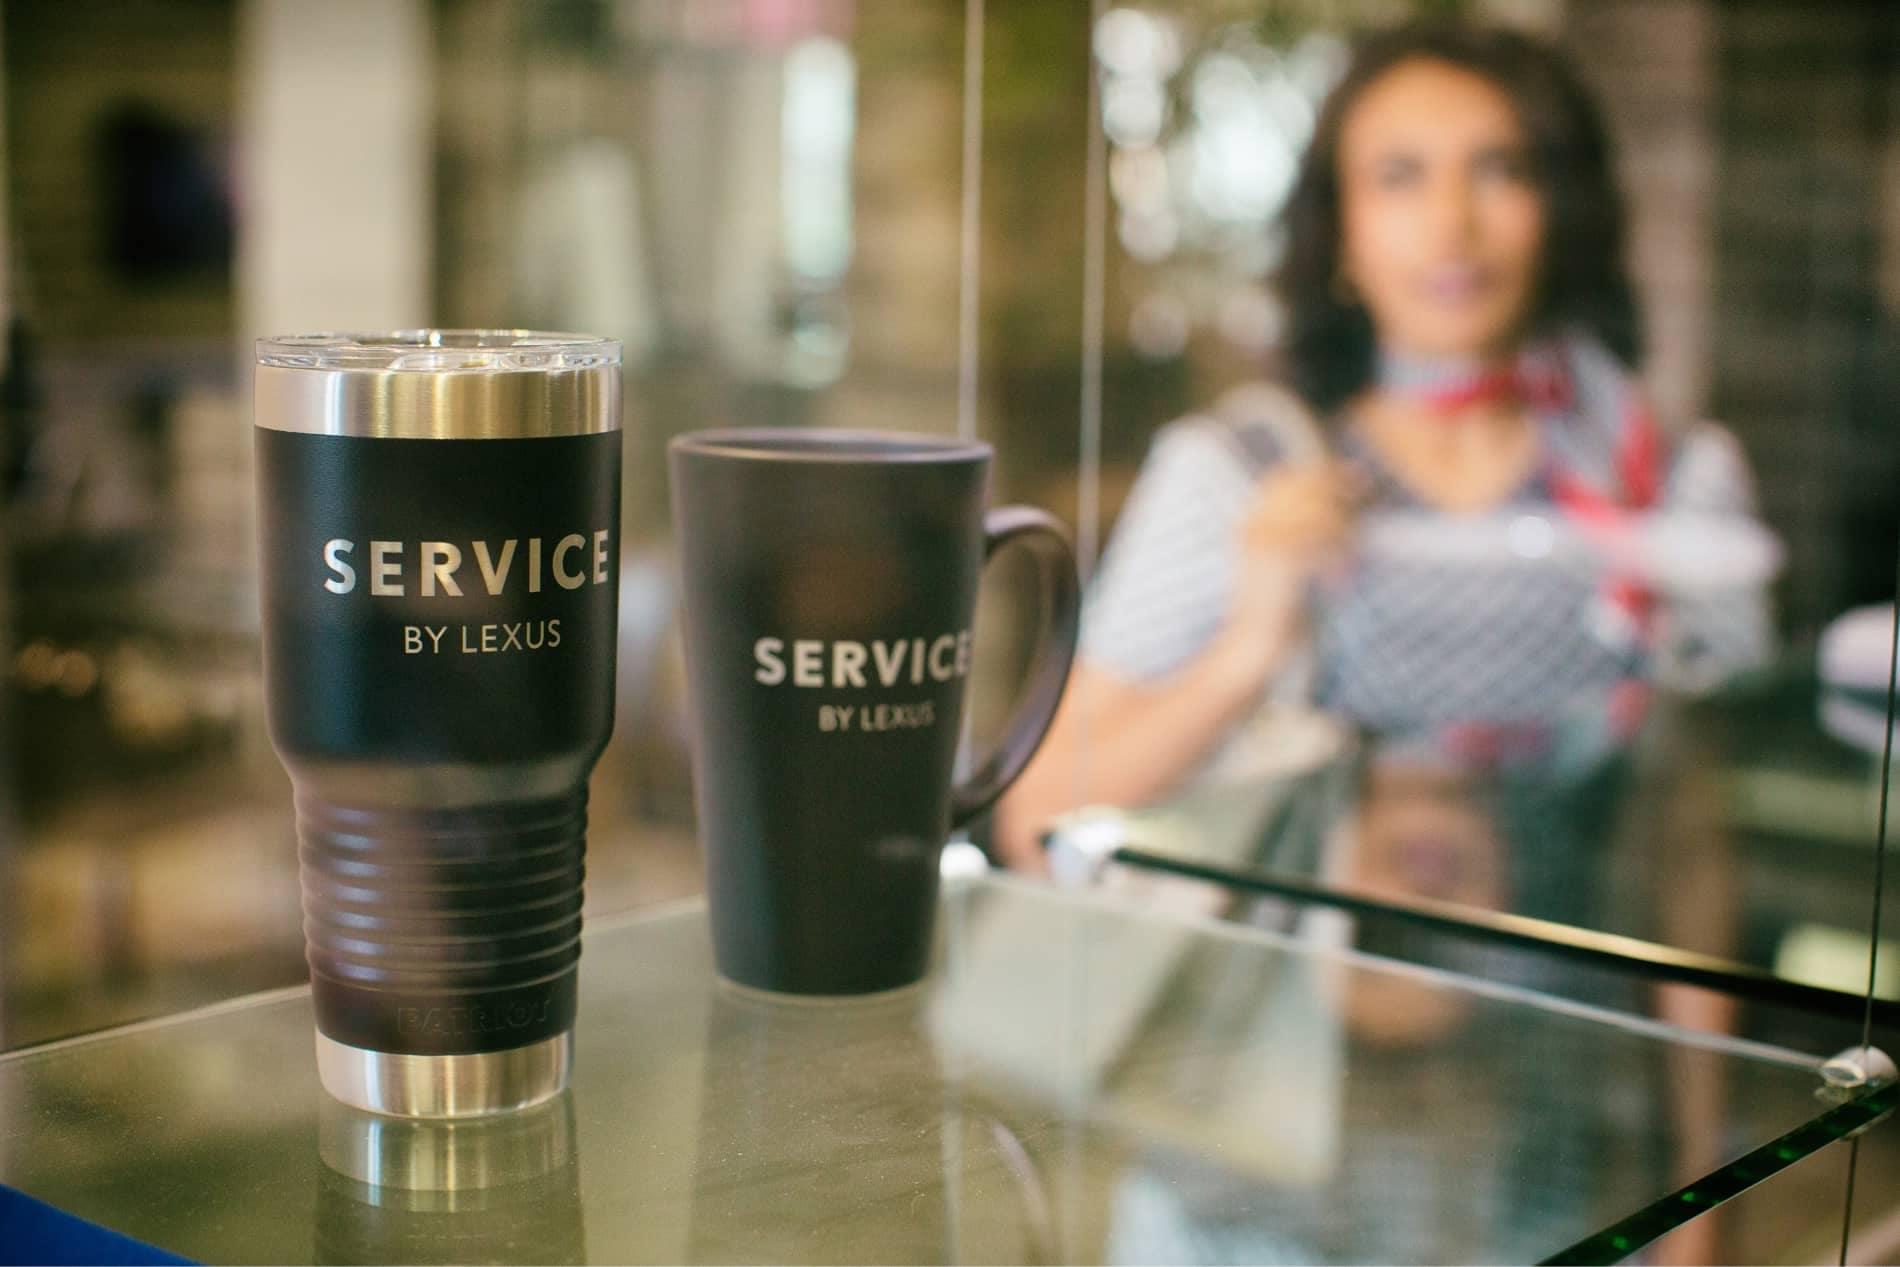 Lexus Service cups